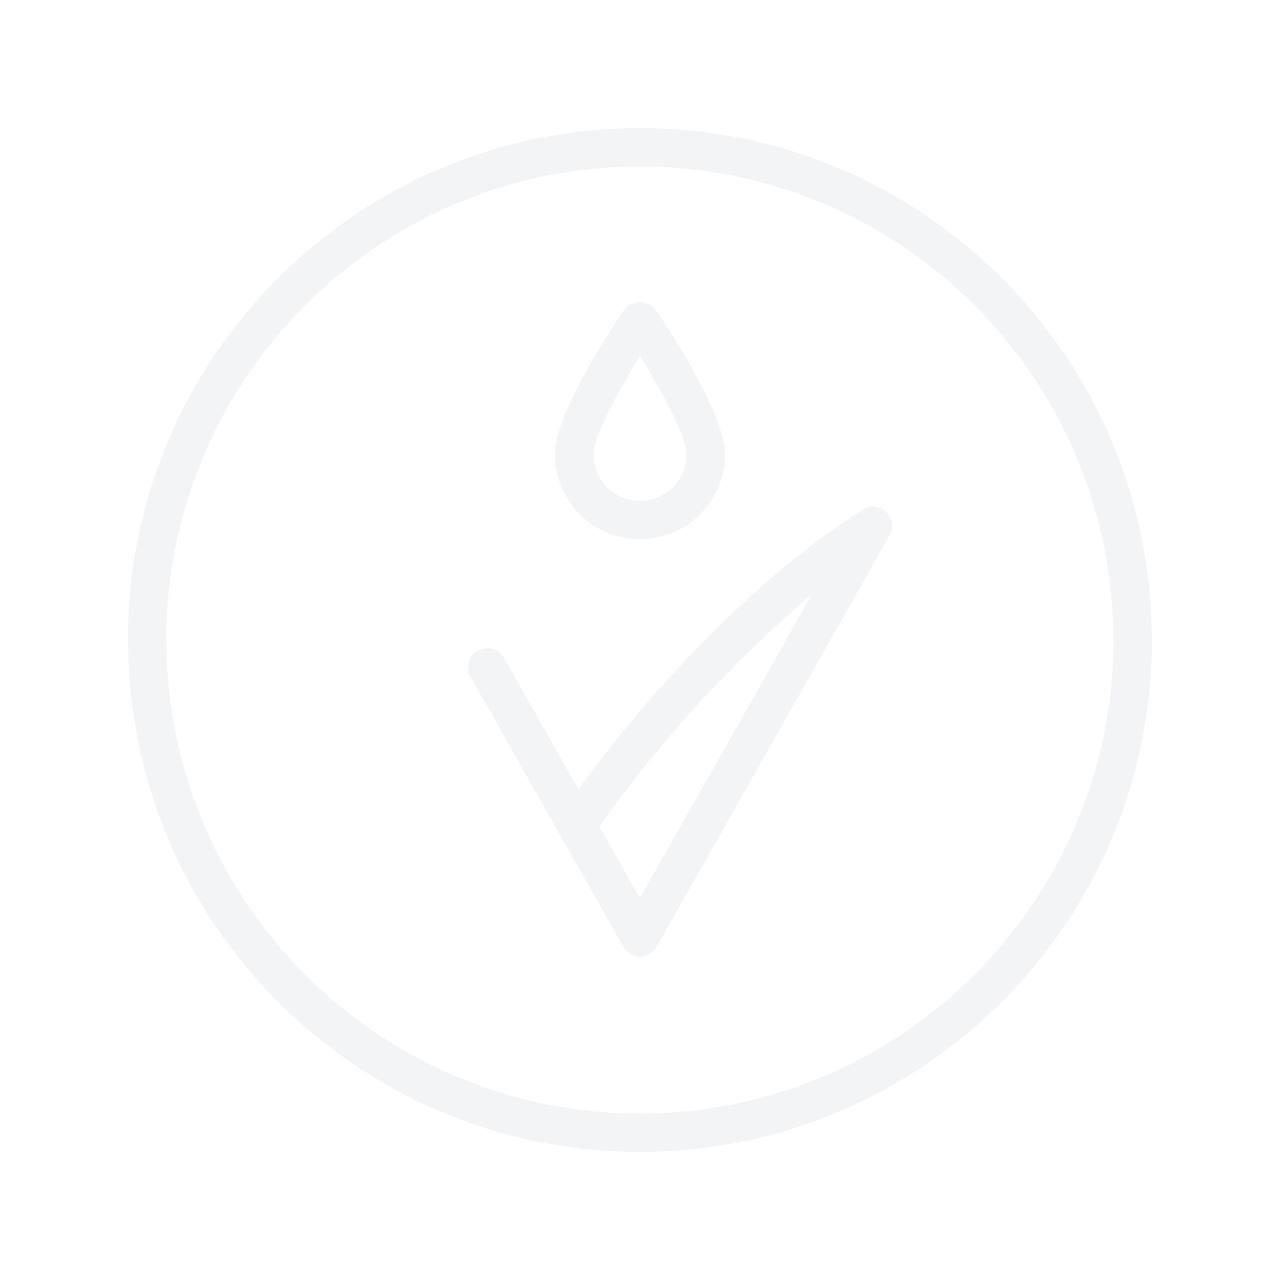 ARTDECO Bronzing Powder Compact 10g